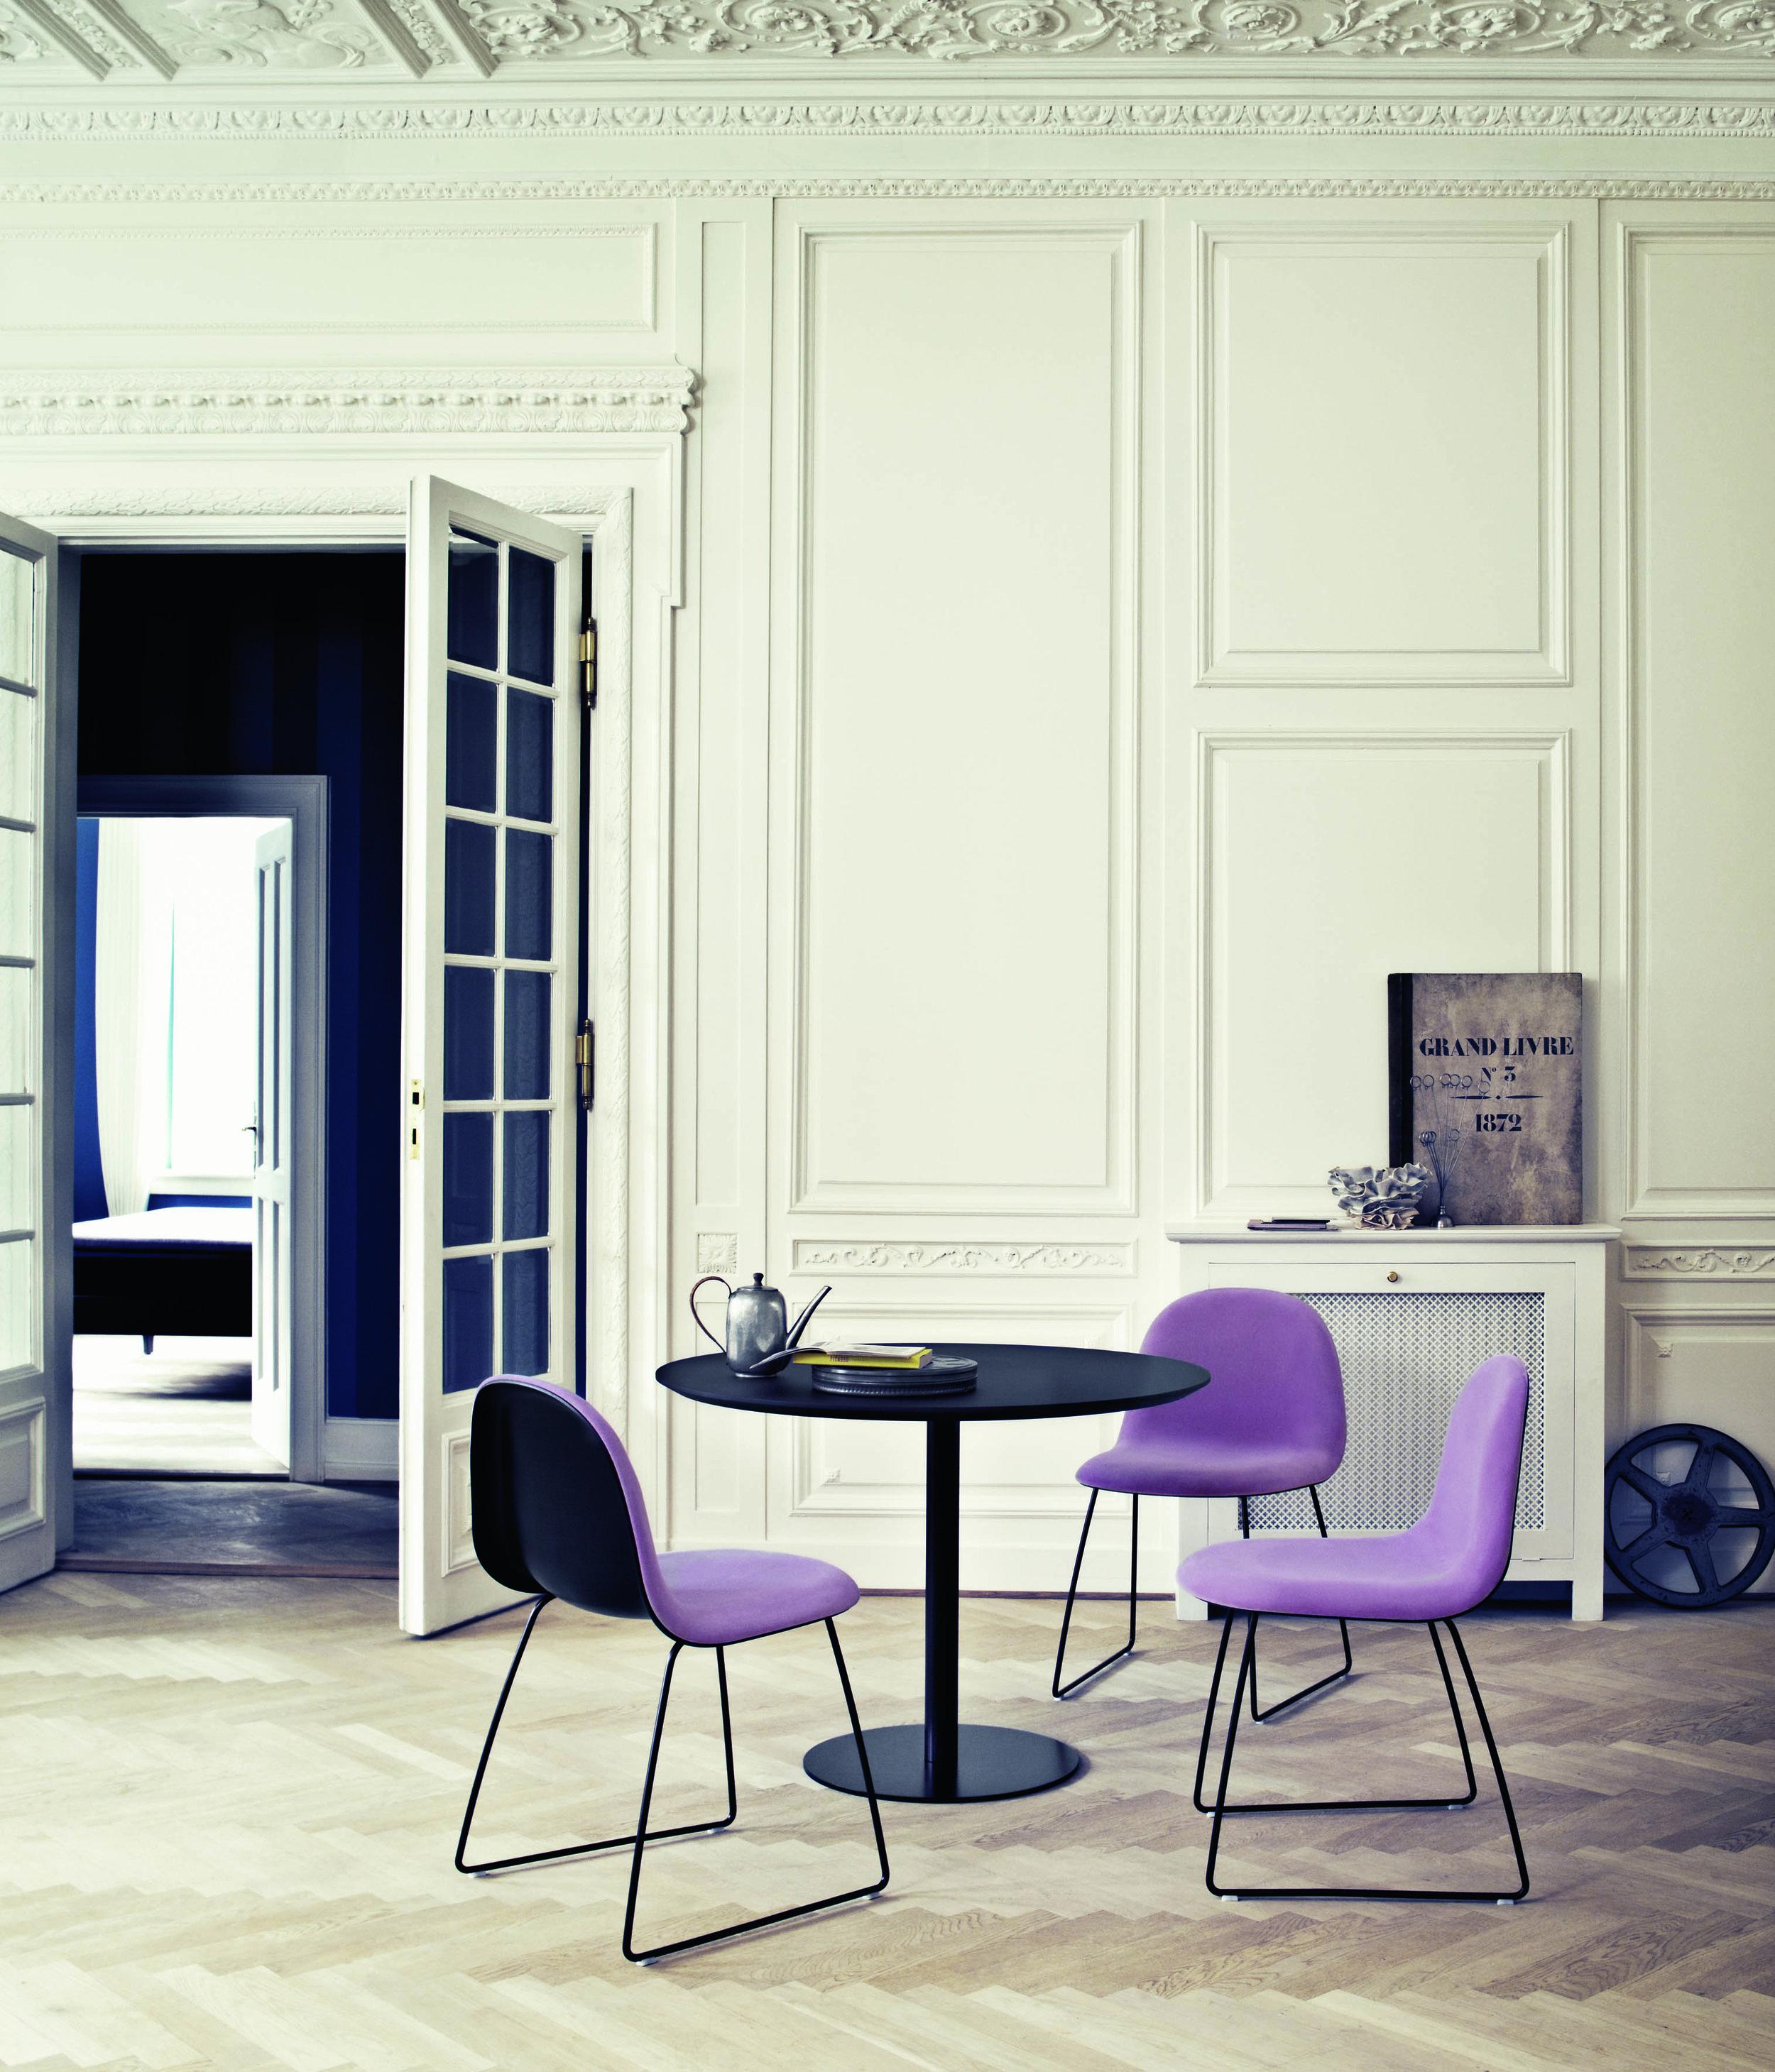 Gubi 12 chair - sledge base - Danish Art Weaving Holmens 13_Gubi Table 2.0 - black.jpg